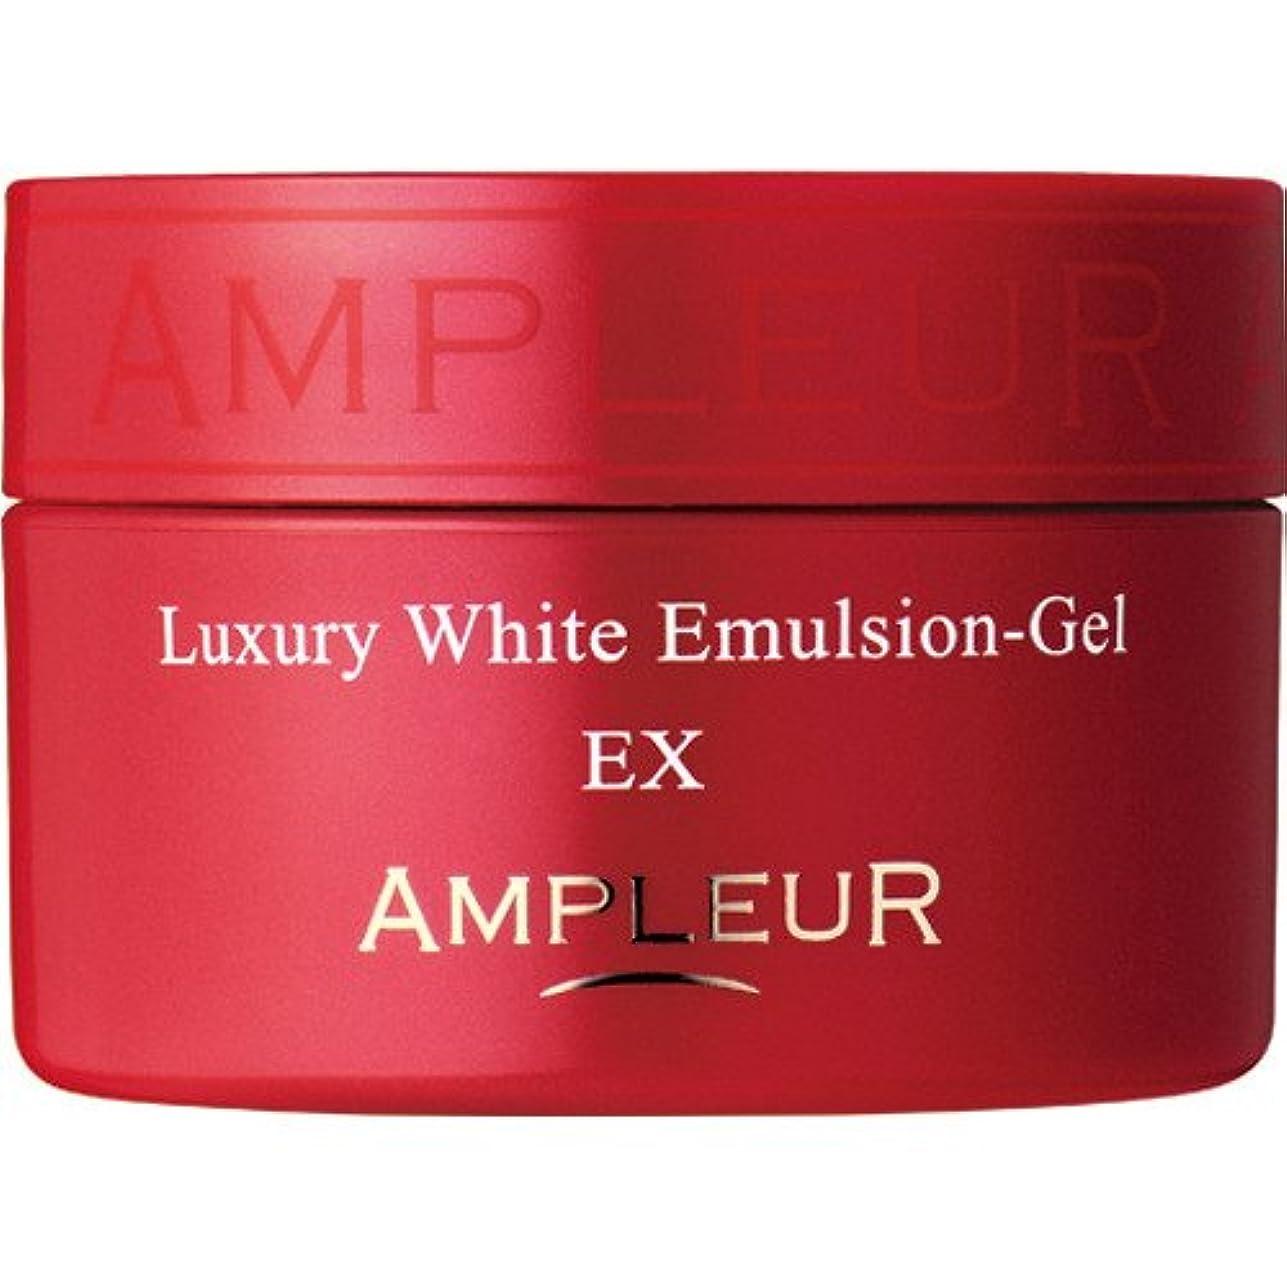 新聞個人的に傾向がありますAMPLEUR(アンプルール) ラグジュアリーホワイト エマルジョンゲルEX 50g